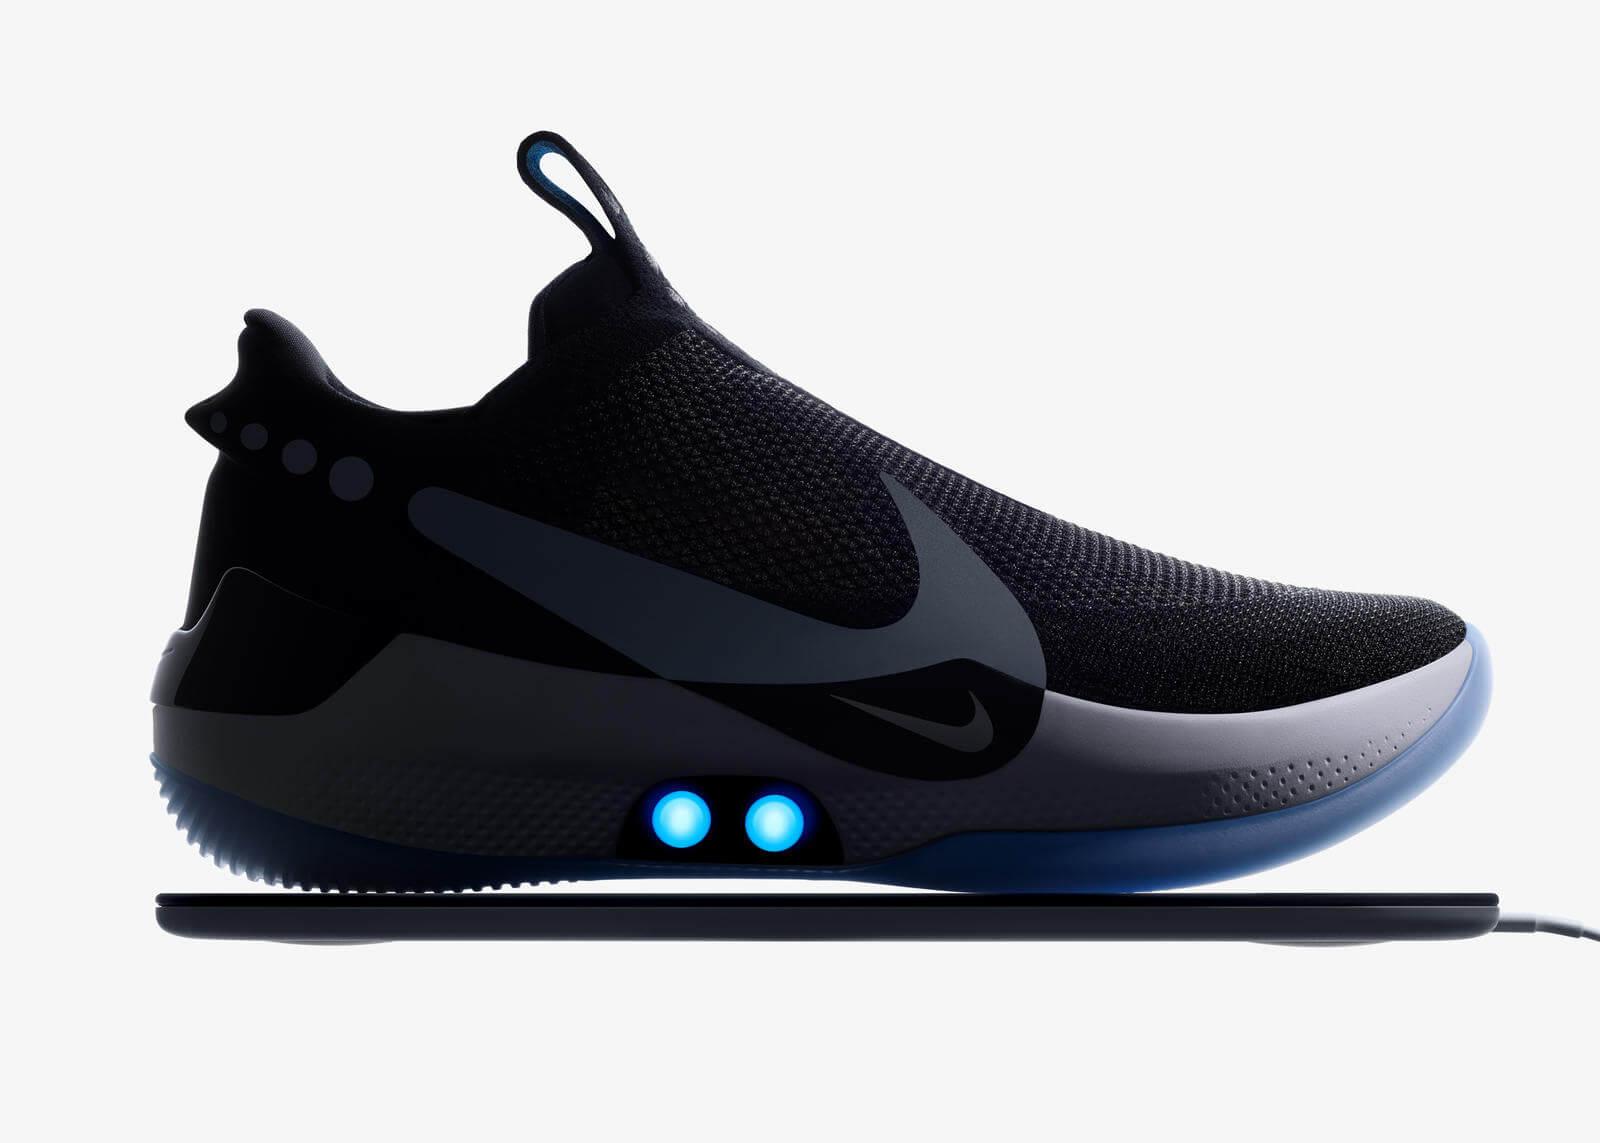 Представлены кроссовки с автоматической шнуровкой. Да, их нужно заряжать